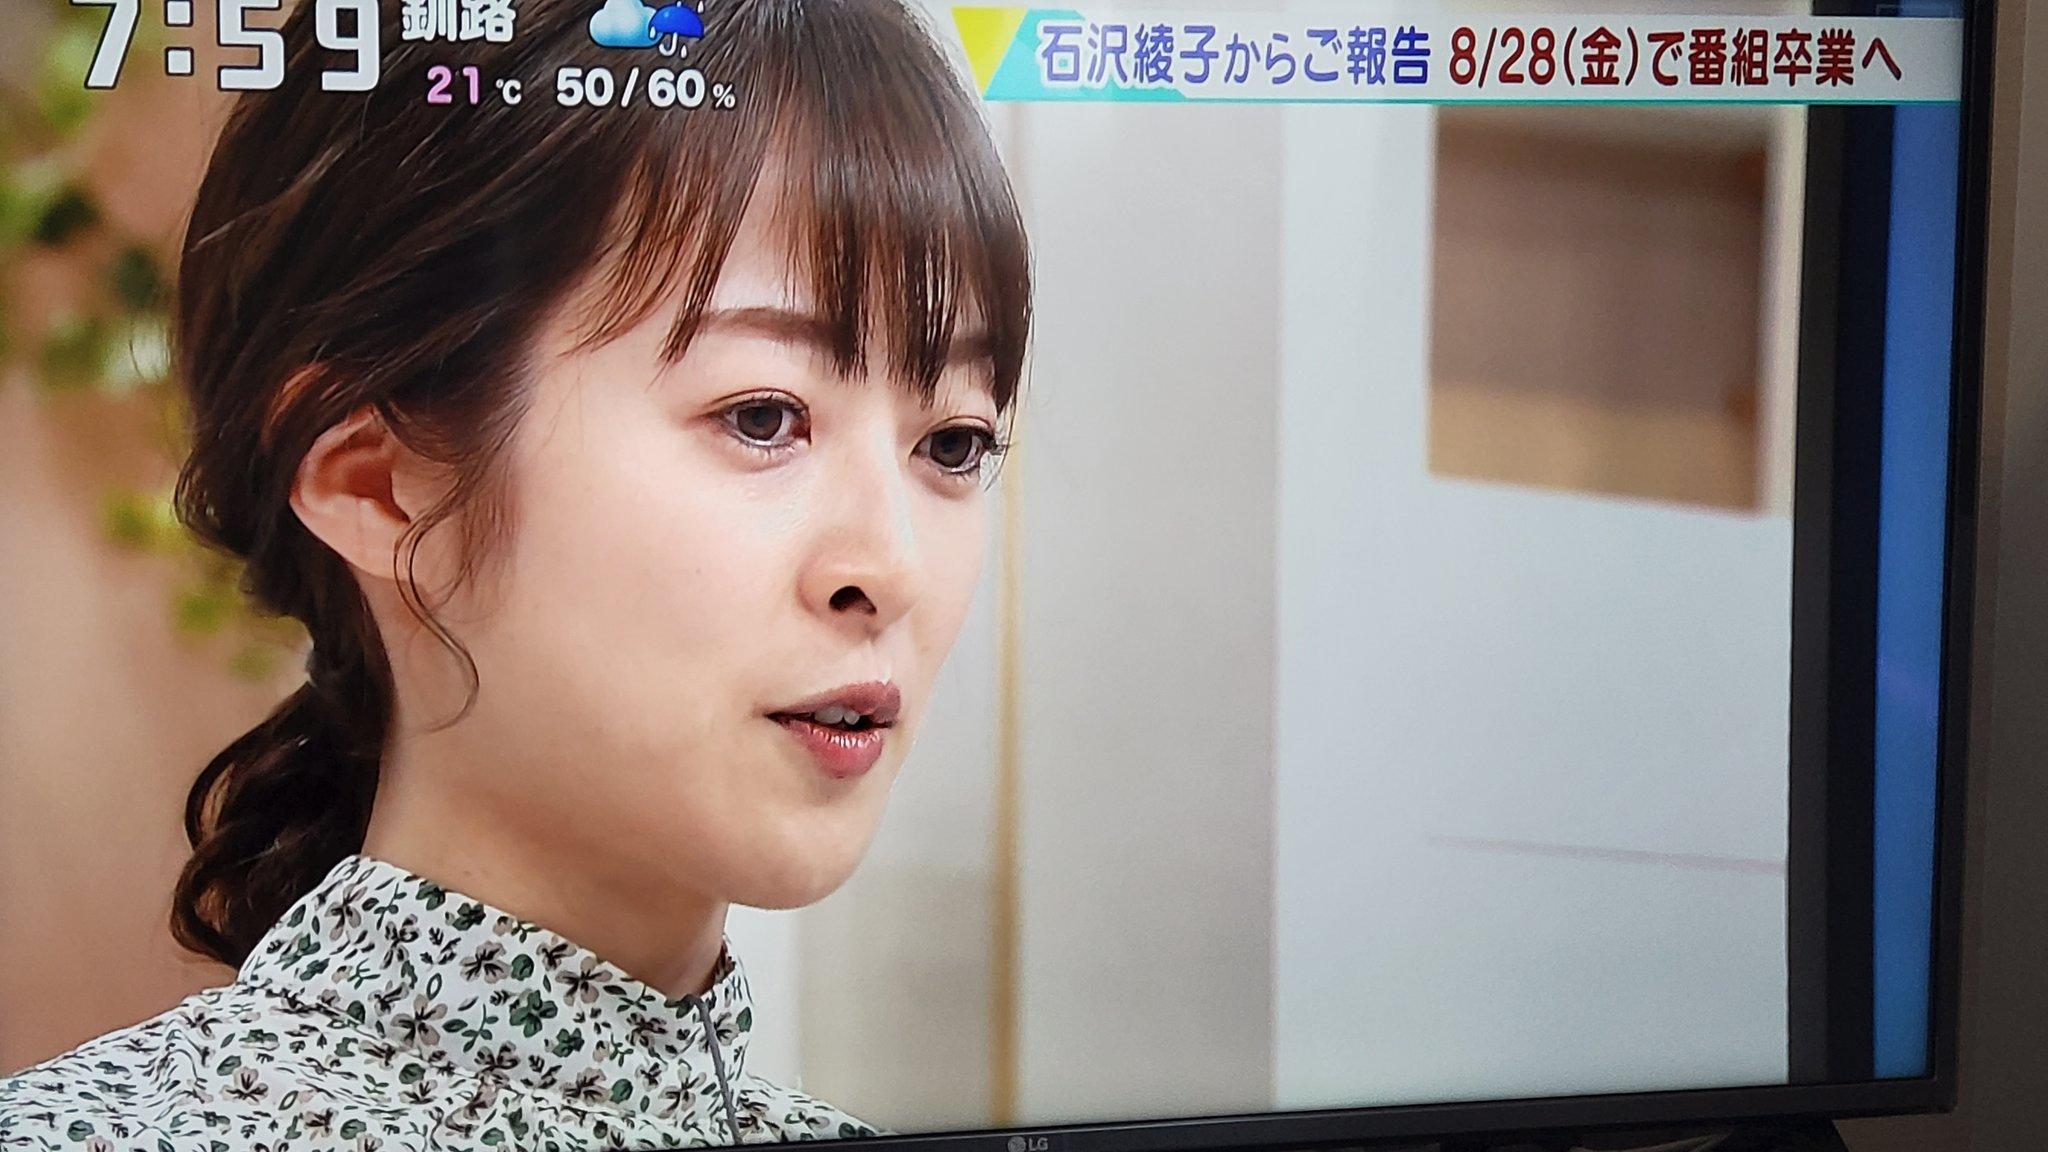 イチモニ 石沢 卒業